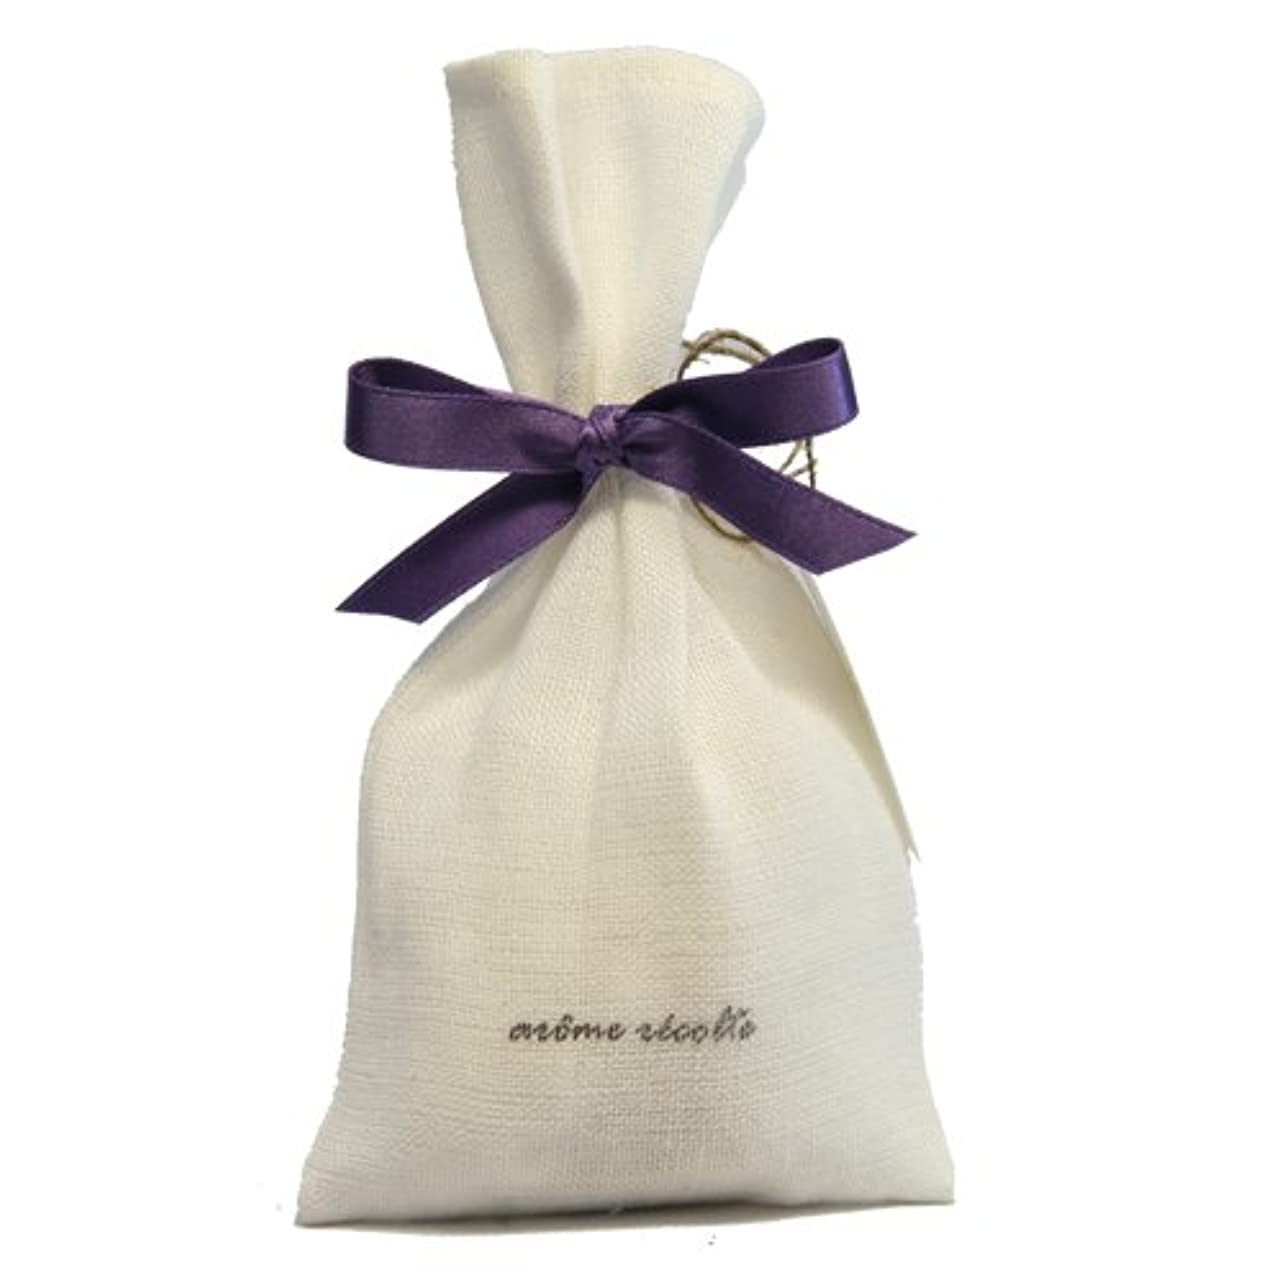 ボトルネック周囲仕事に行くアロマレコルト ナチュラルサシェ(香り袋) フローラル【Floral】 arome rcolte